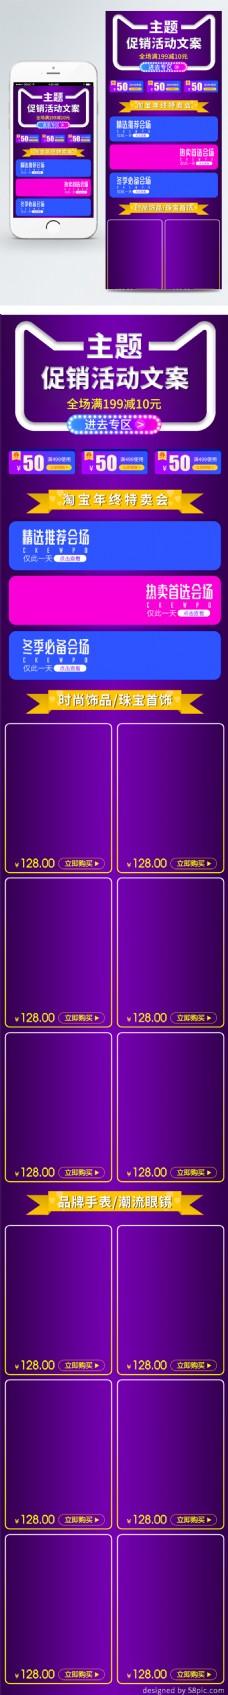 电商淘宝促销紫色简约渐变首页通用模板